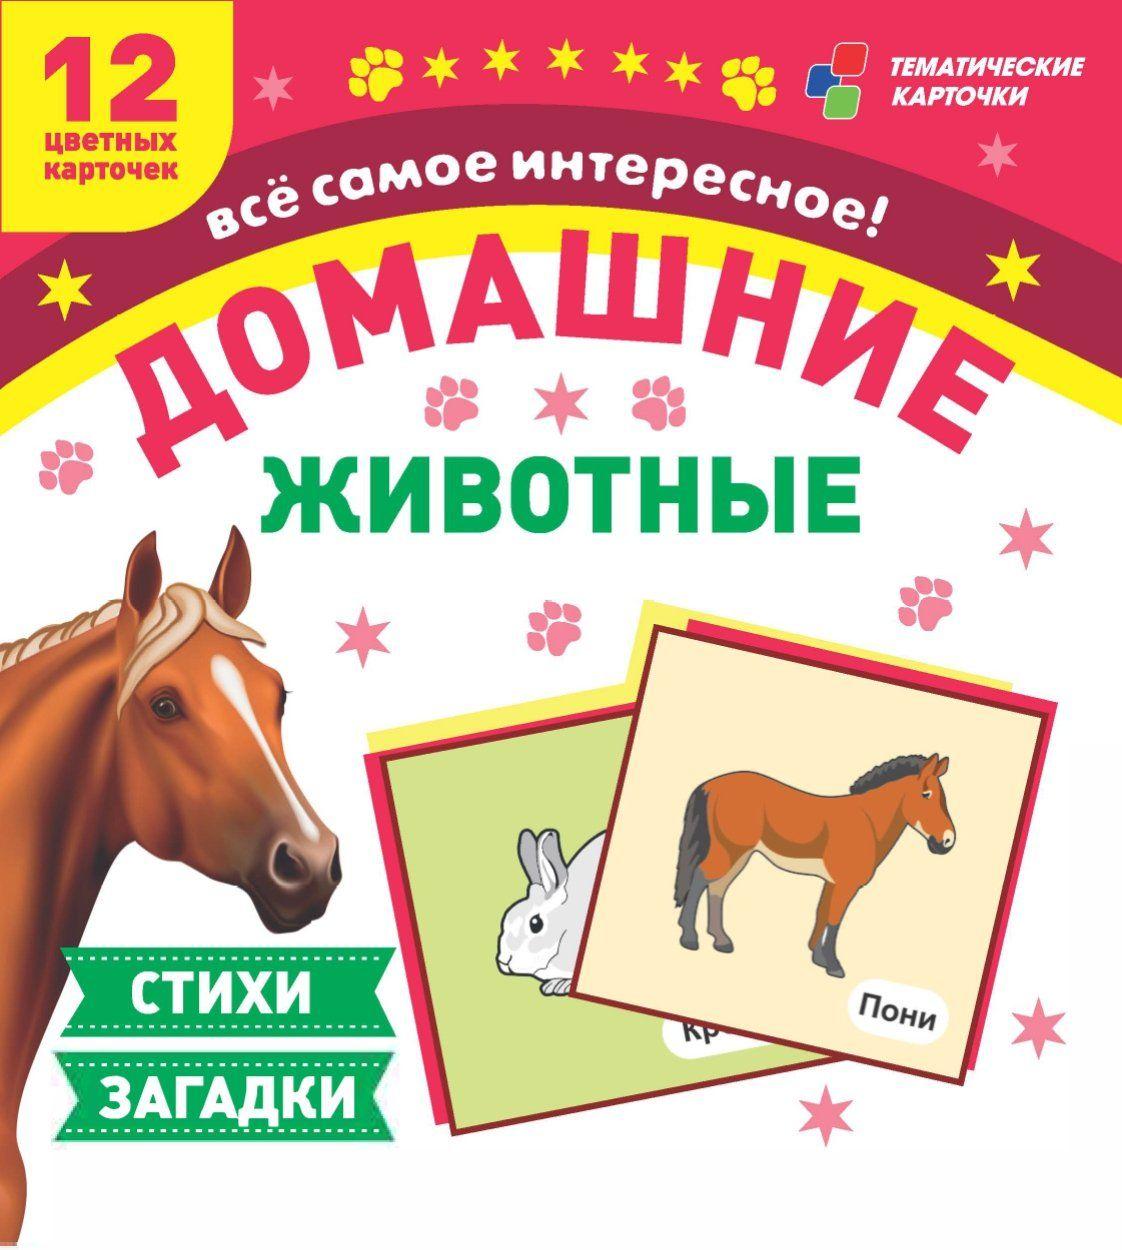 Домашние животные: 12 развивающих карточек с красочными картинками, стихами и загадками для занятий с детьмиРазвитие дошкольника<br>.<br><br>Год: 2018<br>Серия: Тематические карточки<br>Высота: 99<br>Ширина: 93<br>Толщина: 8<br>Переплёт: набор